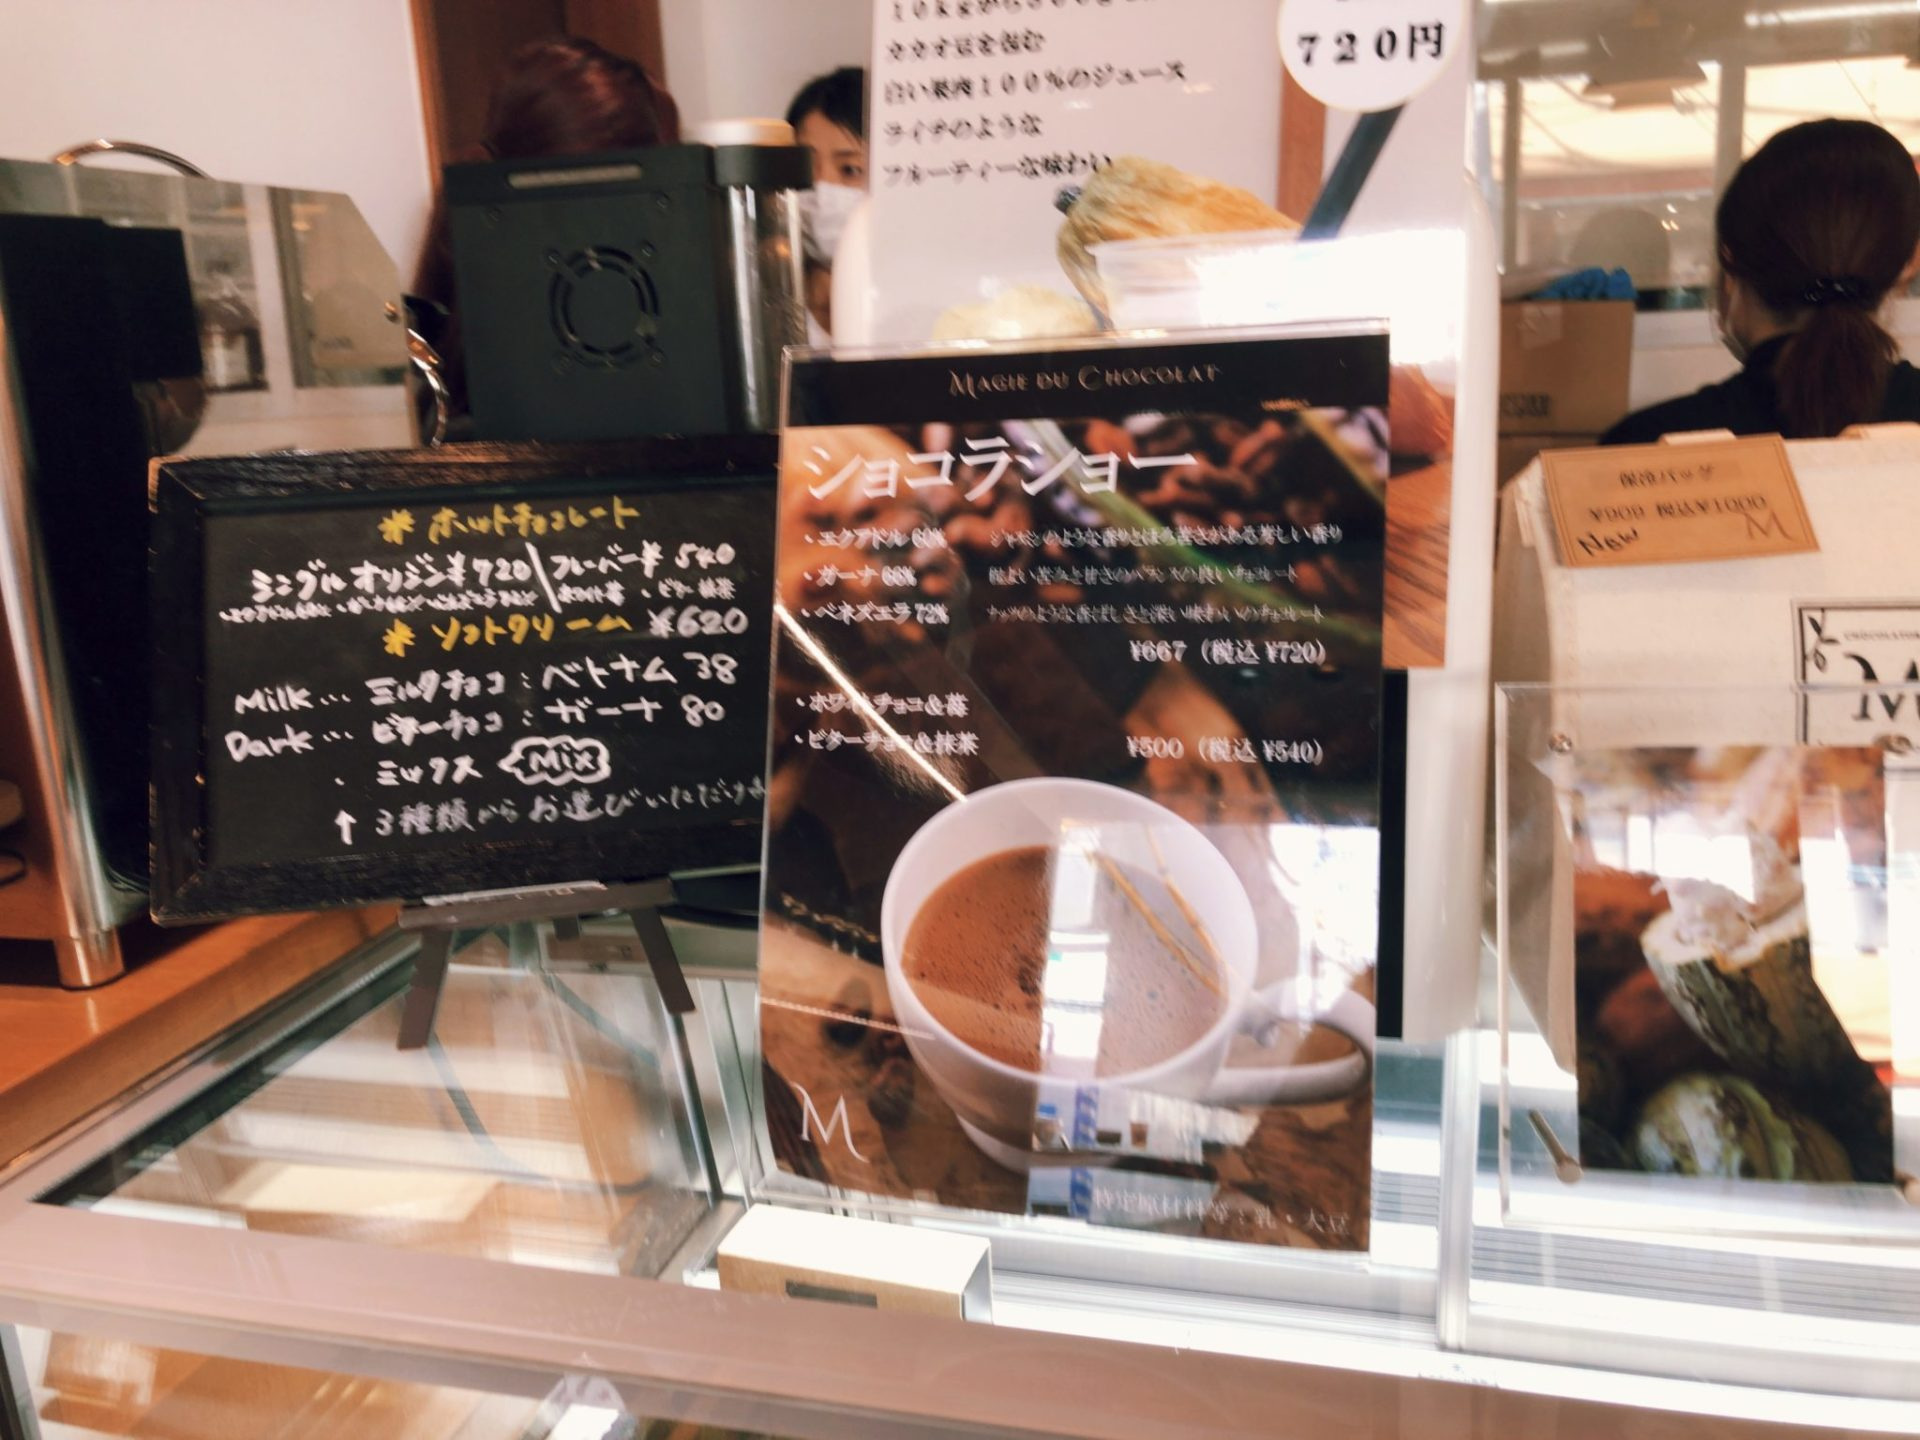 マジドゥショコラ自由が丘本店のソフトクリームメニュー